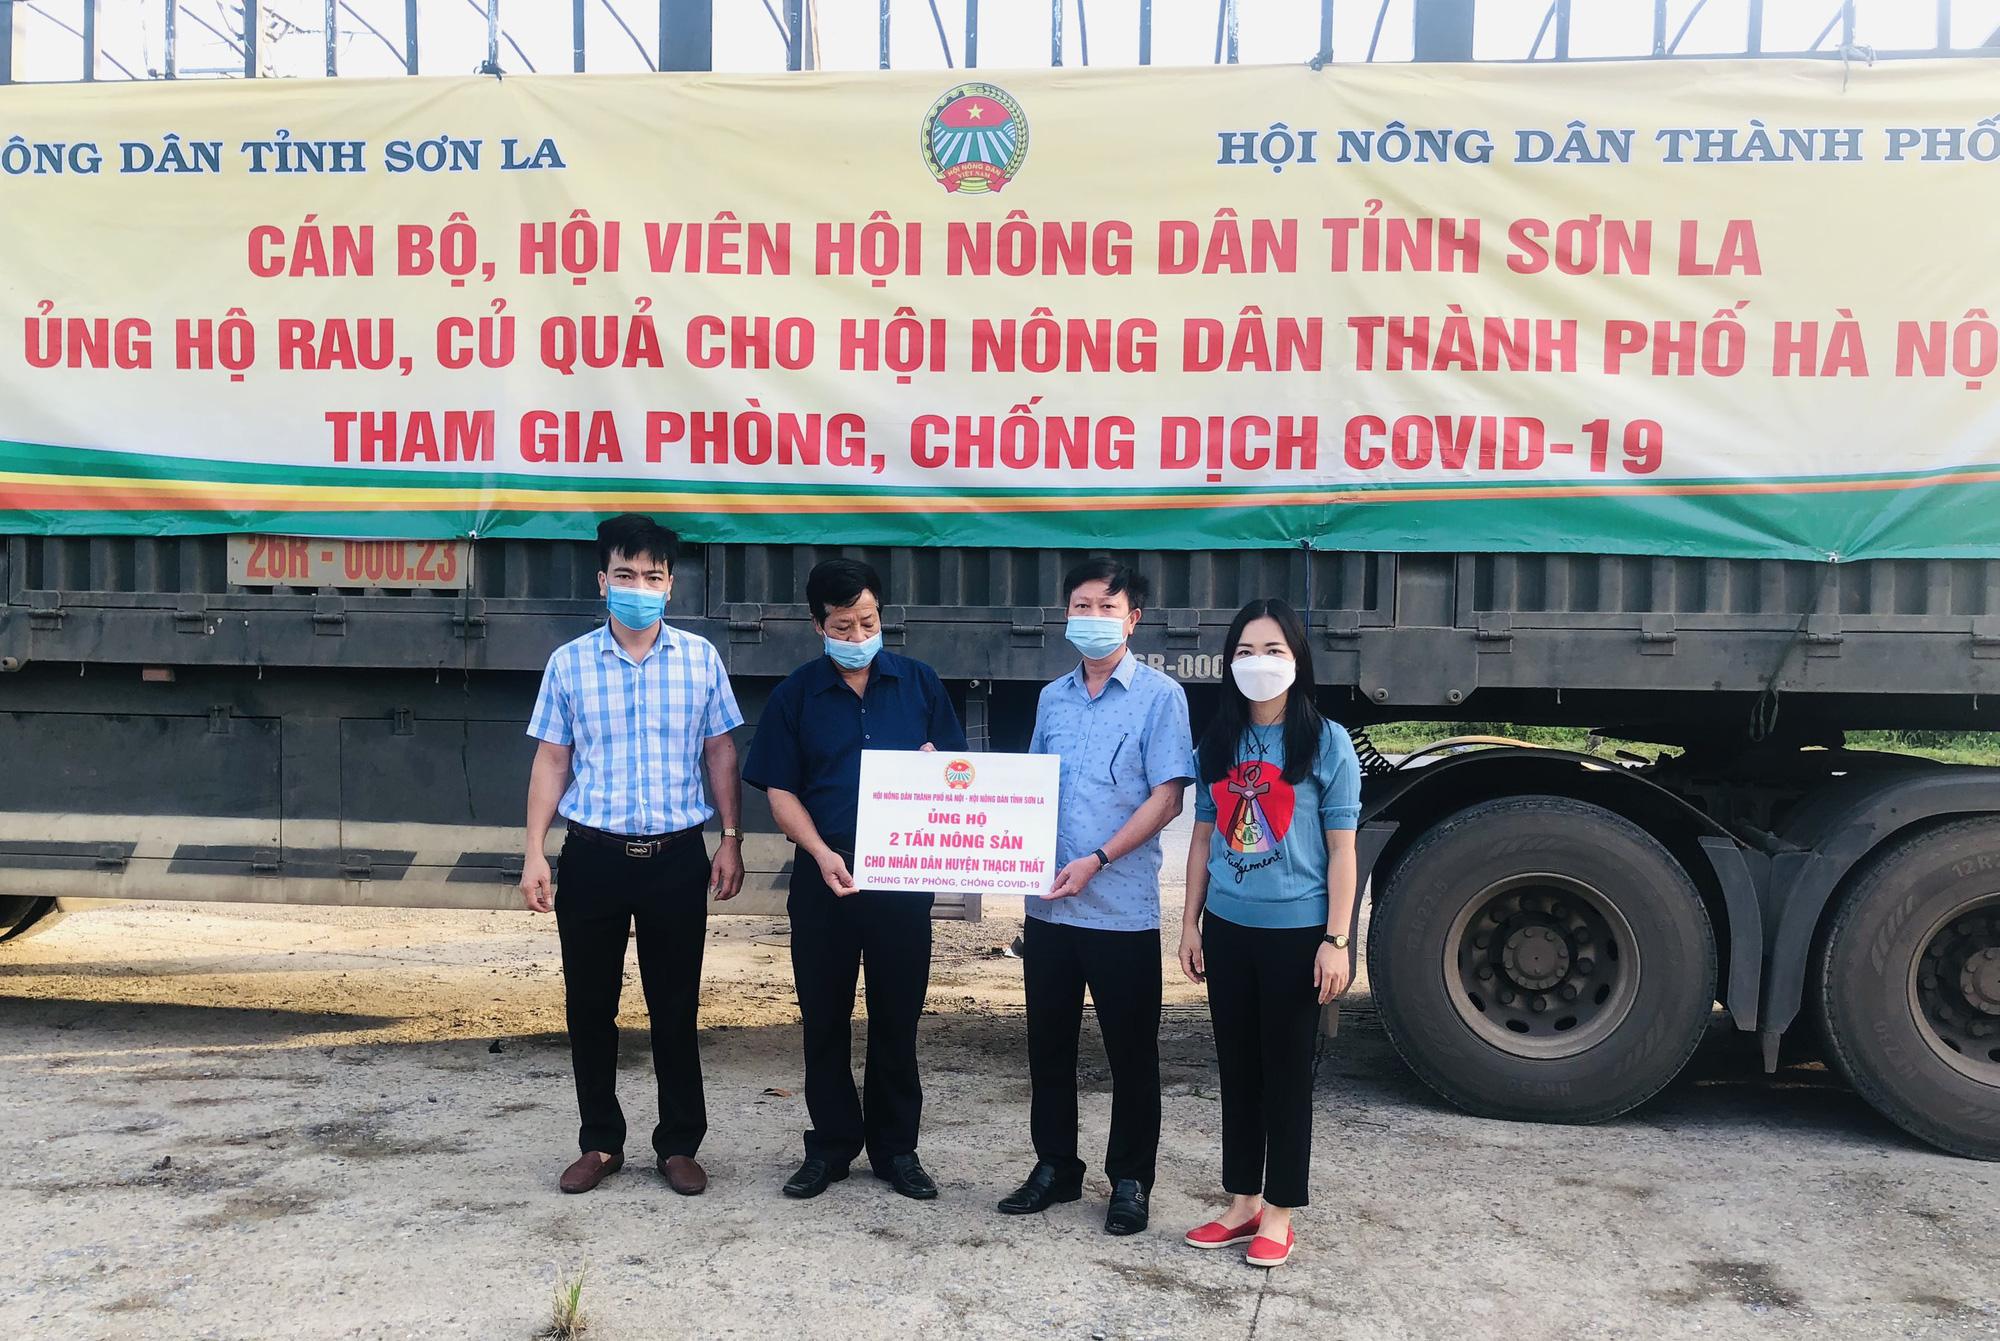 Hội Nông dân Sơn La hỗ trợ trên 100 tấn nông sản cho các tỉnh, thành phố chống dịch - Ảnh 2.